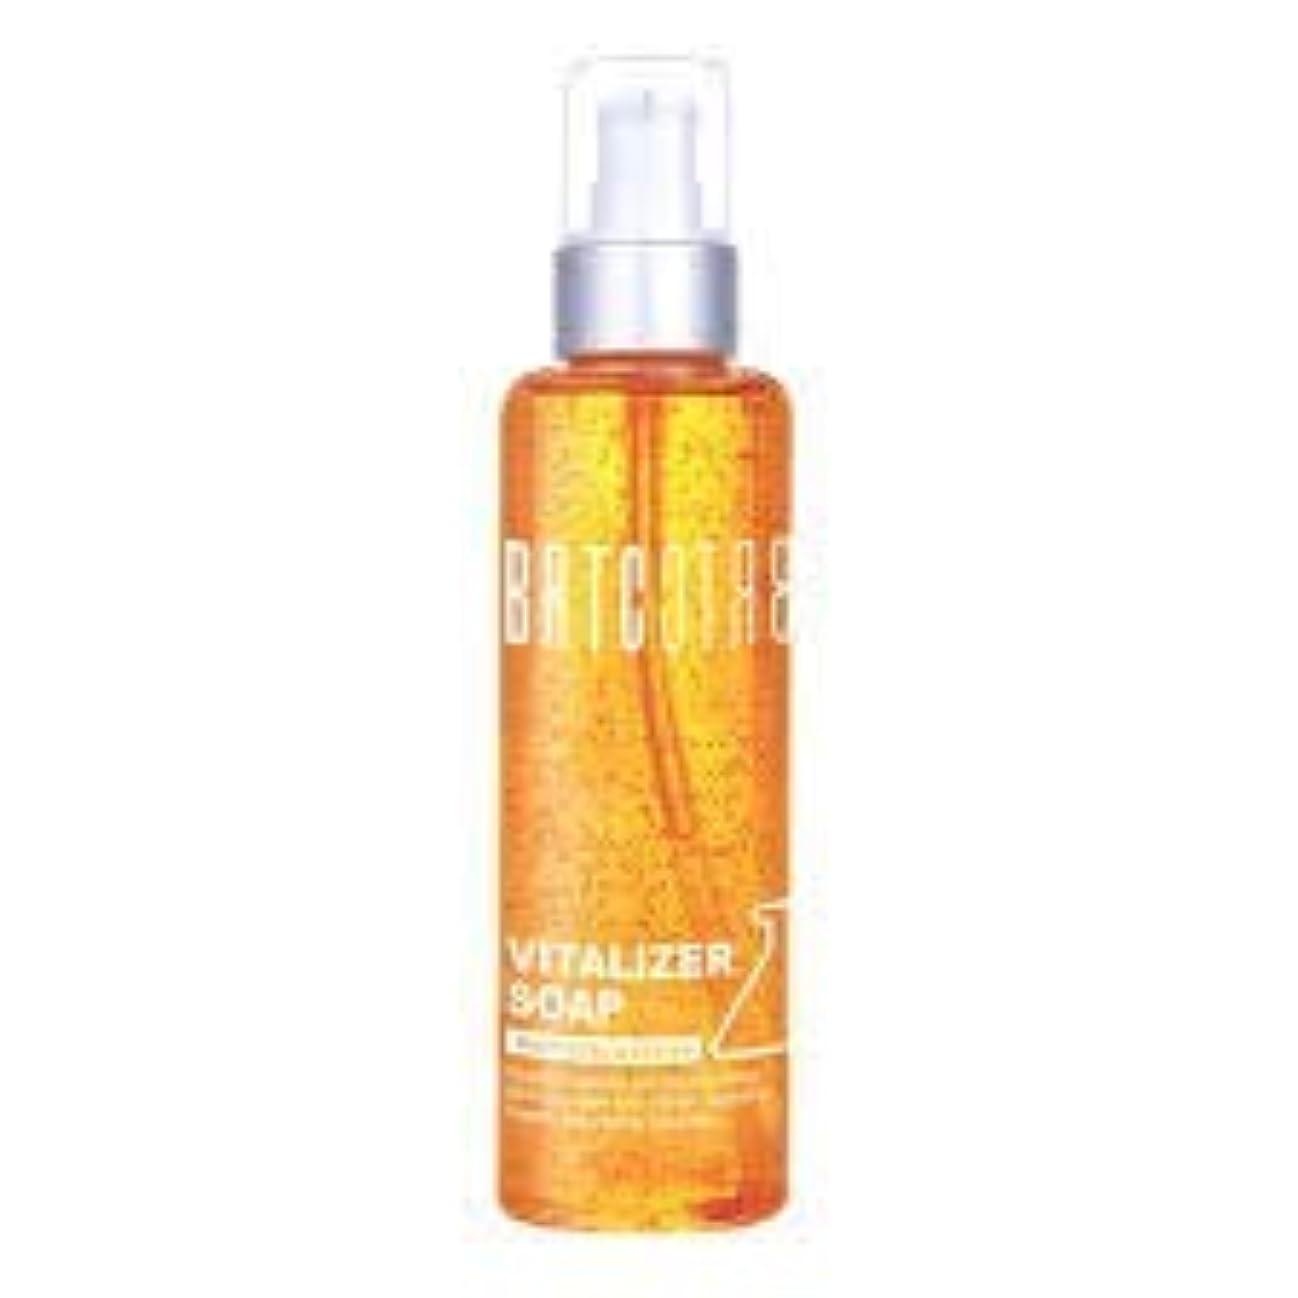 アヒルドア借りるBRTC バイタライザー石鹸200ml ビタミンカプセルは、健康で重要な肌を提示するために皮膚に浸透し、吸収します